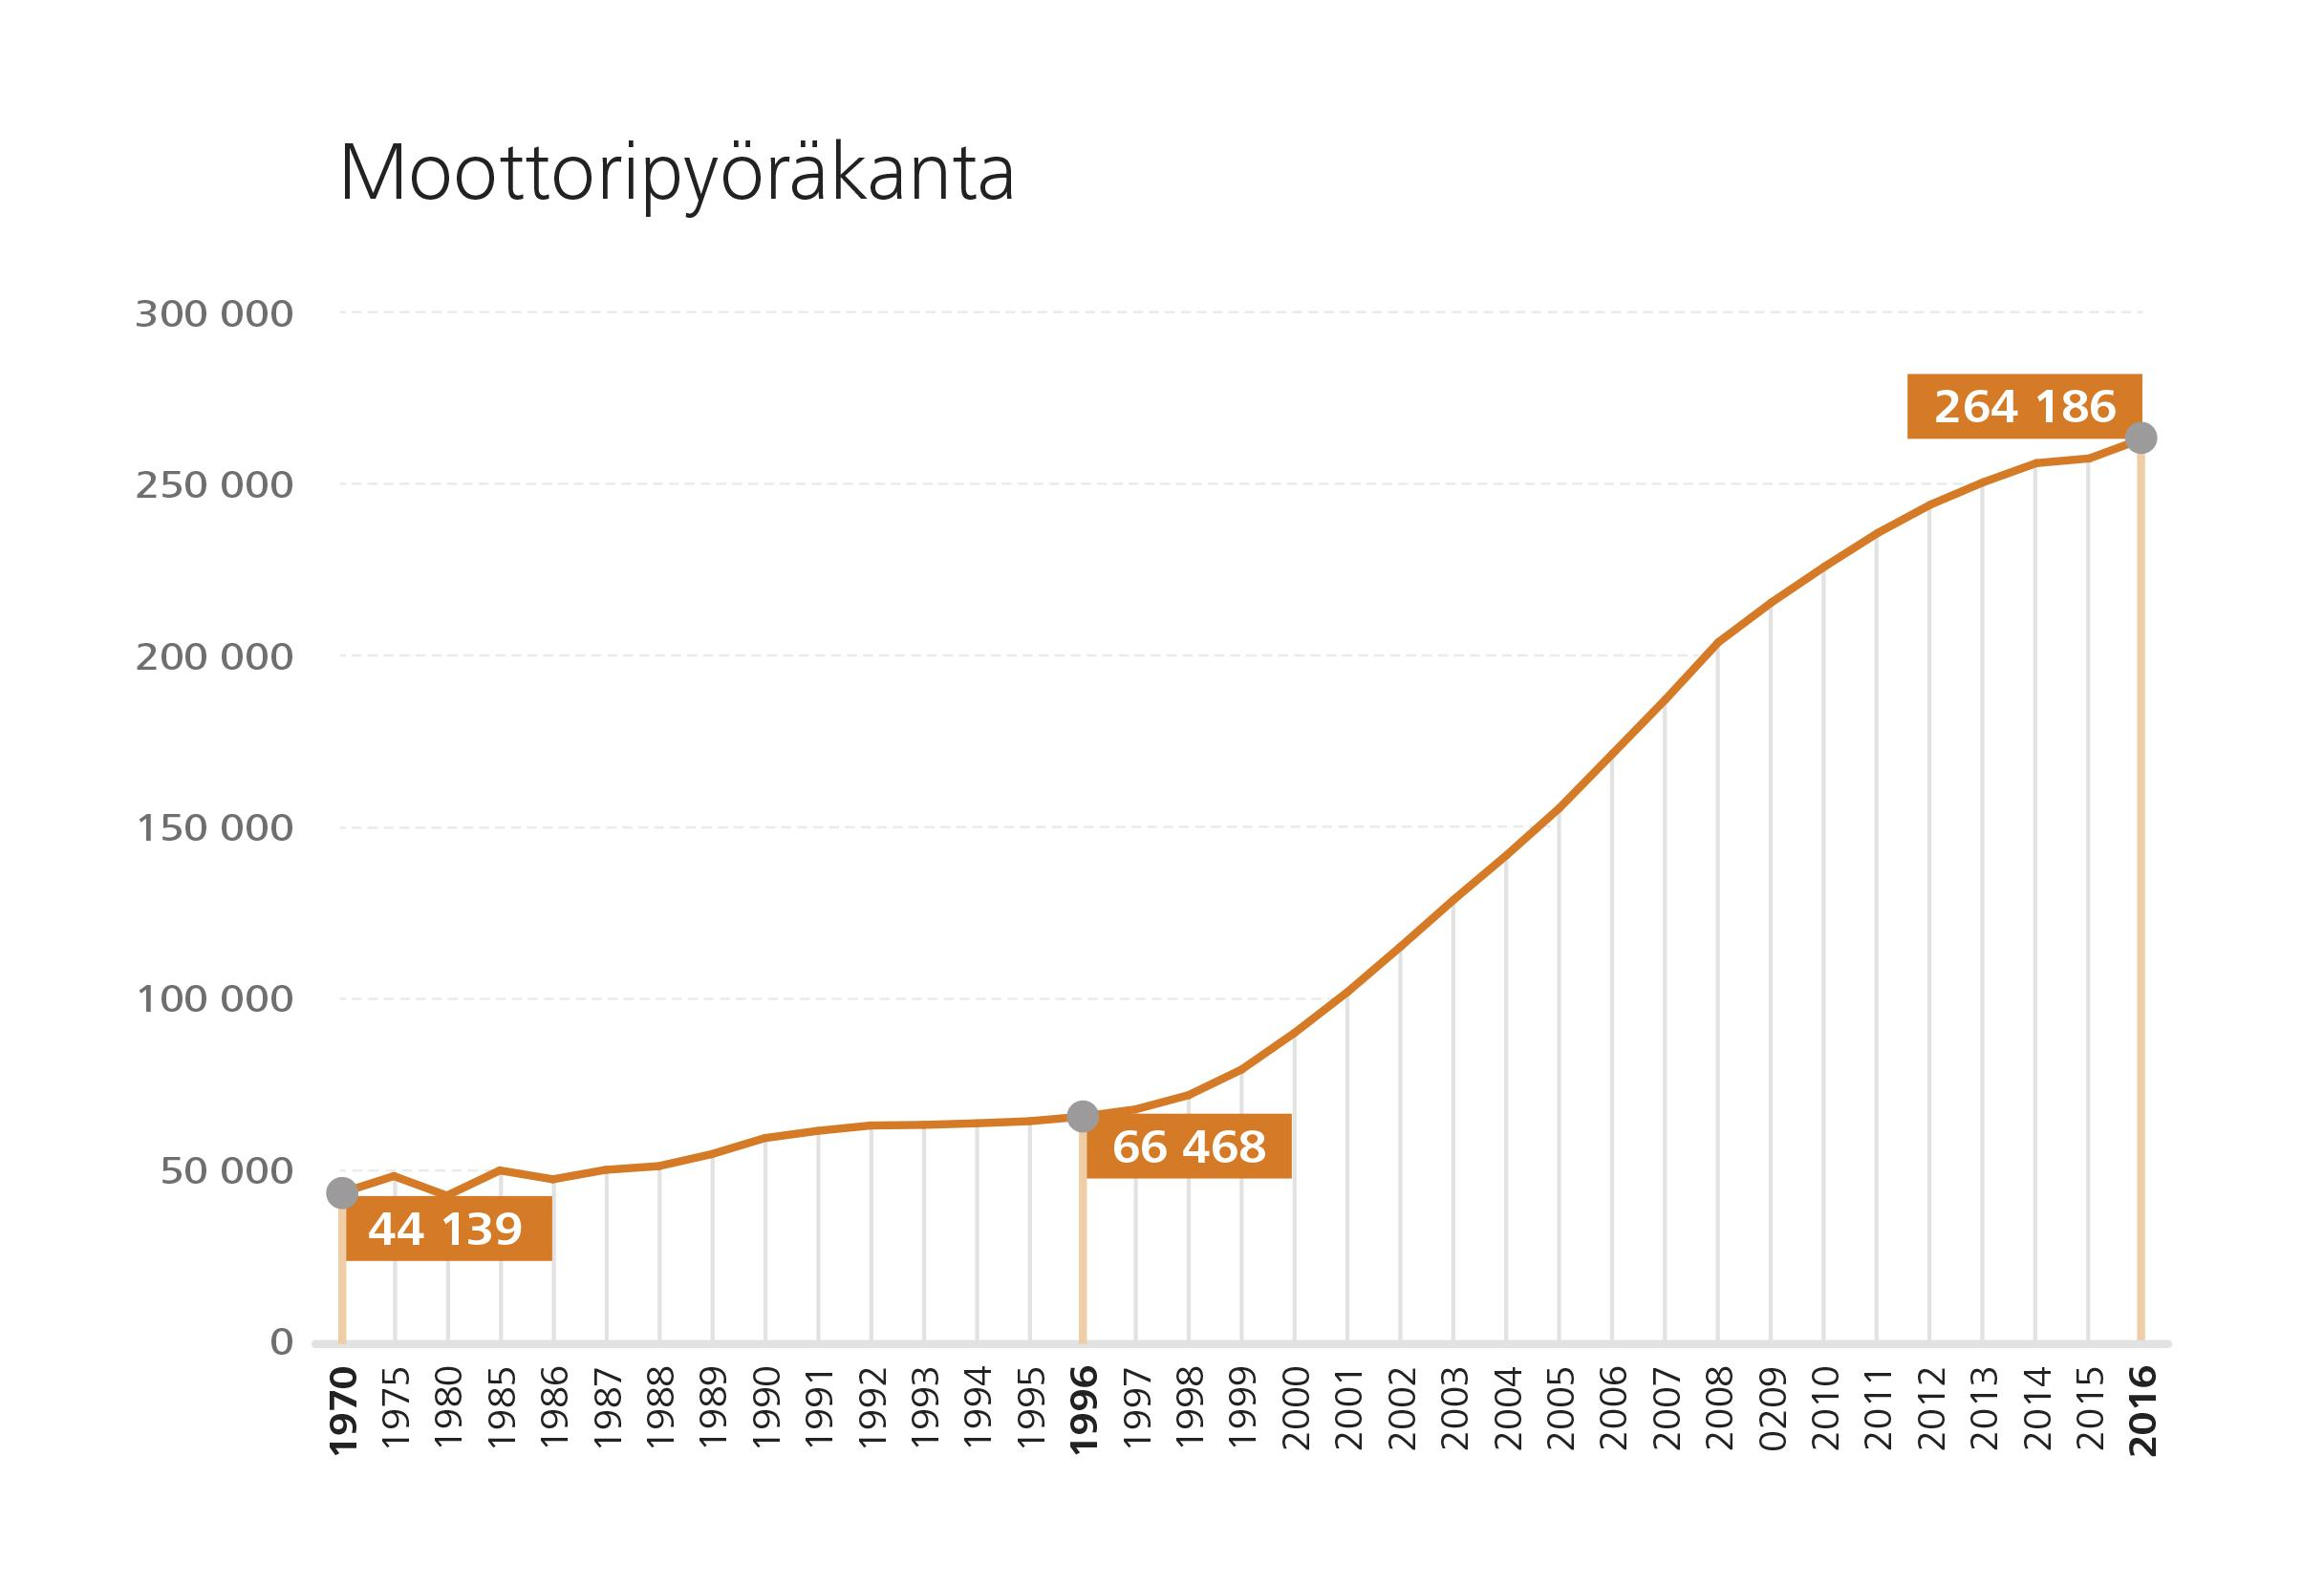 Moottoripyöräkannan kehitys.